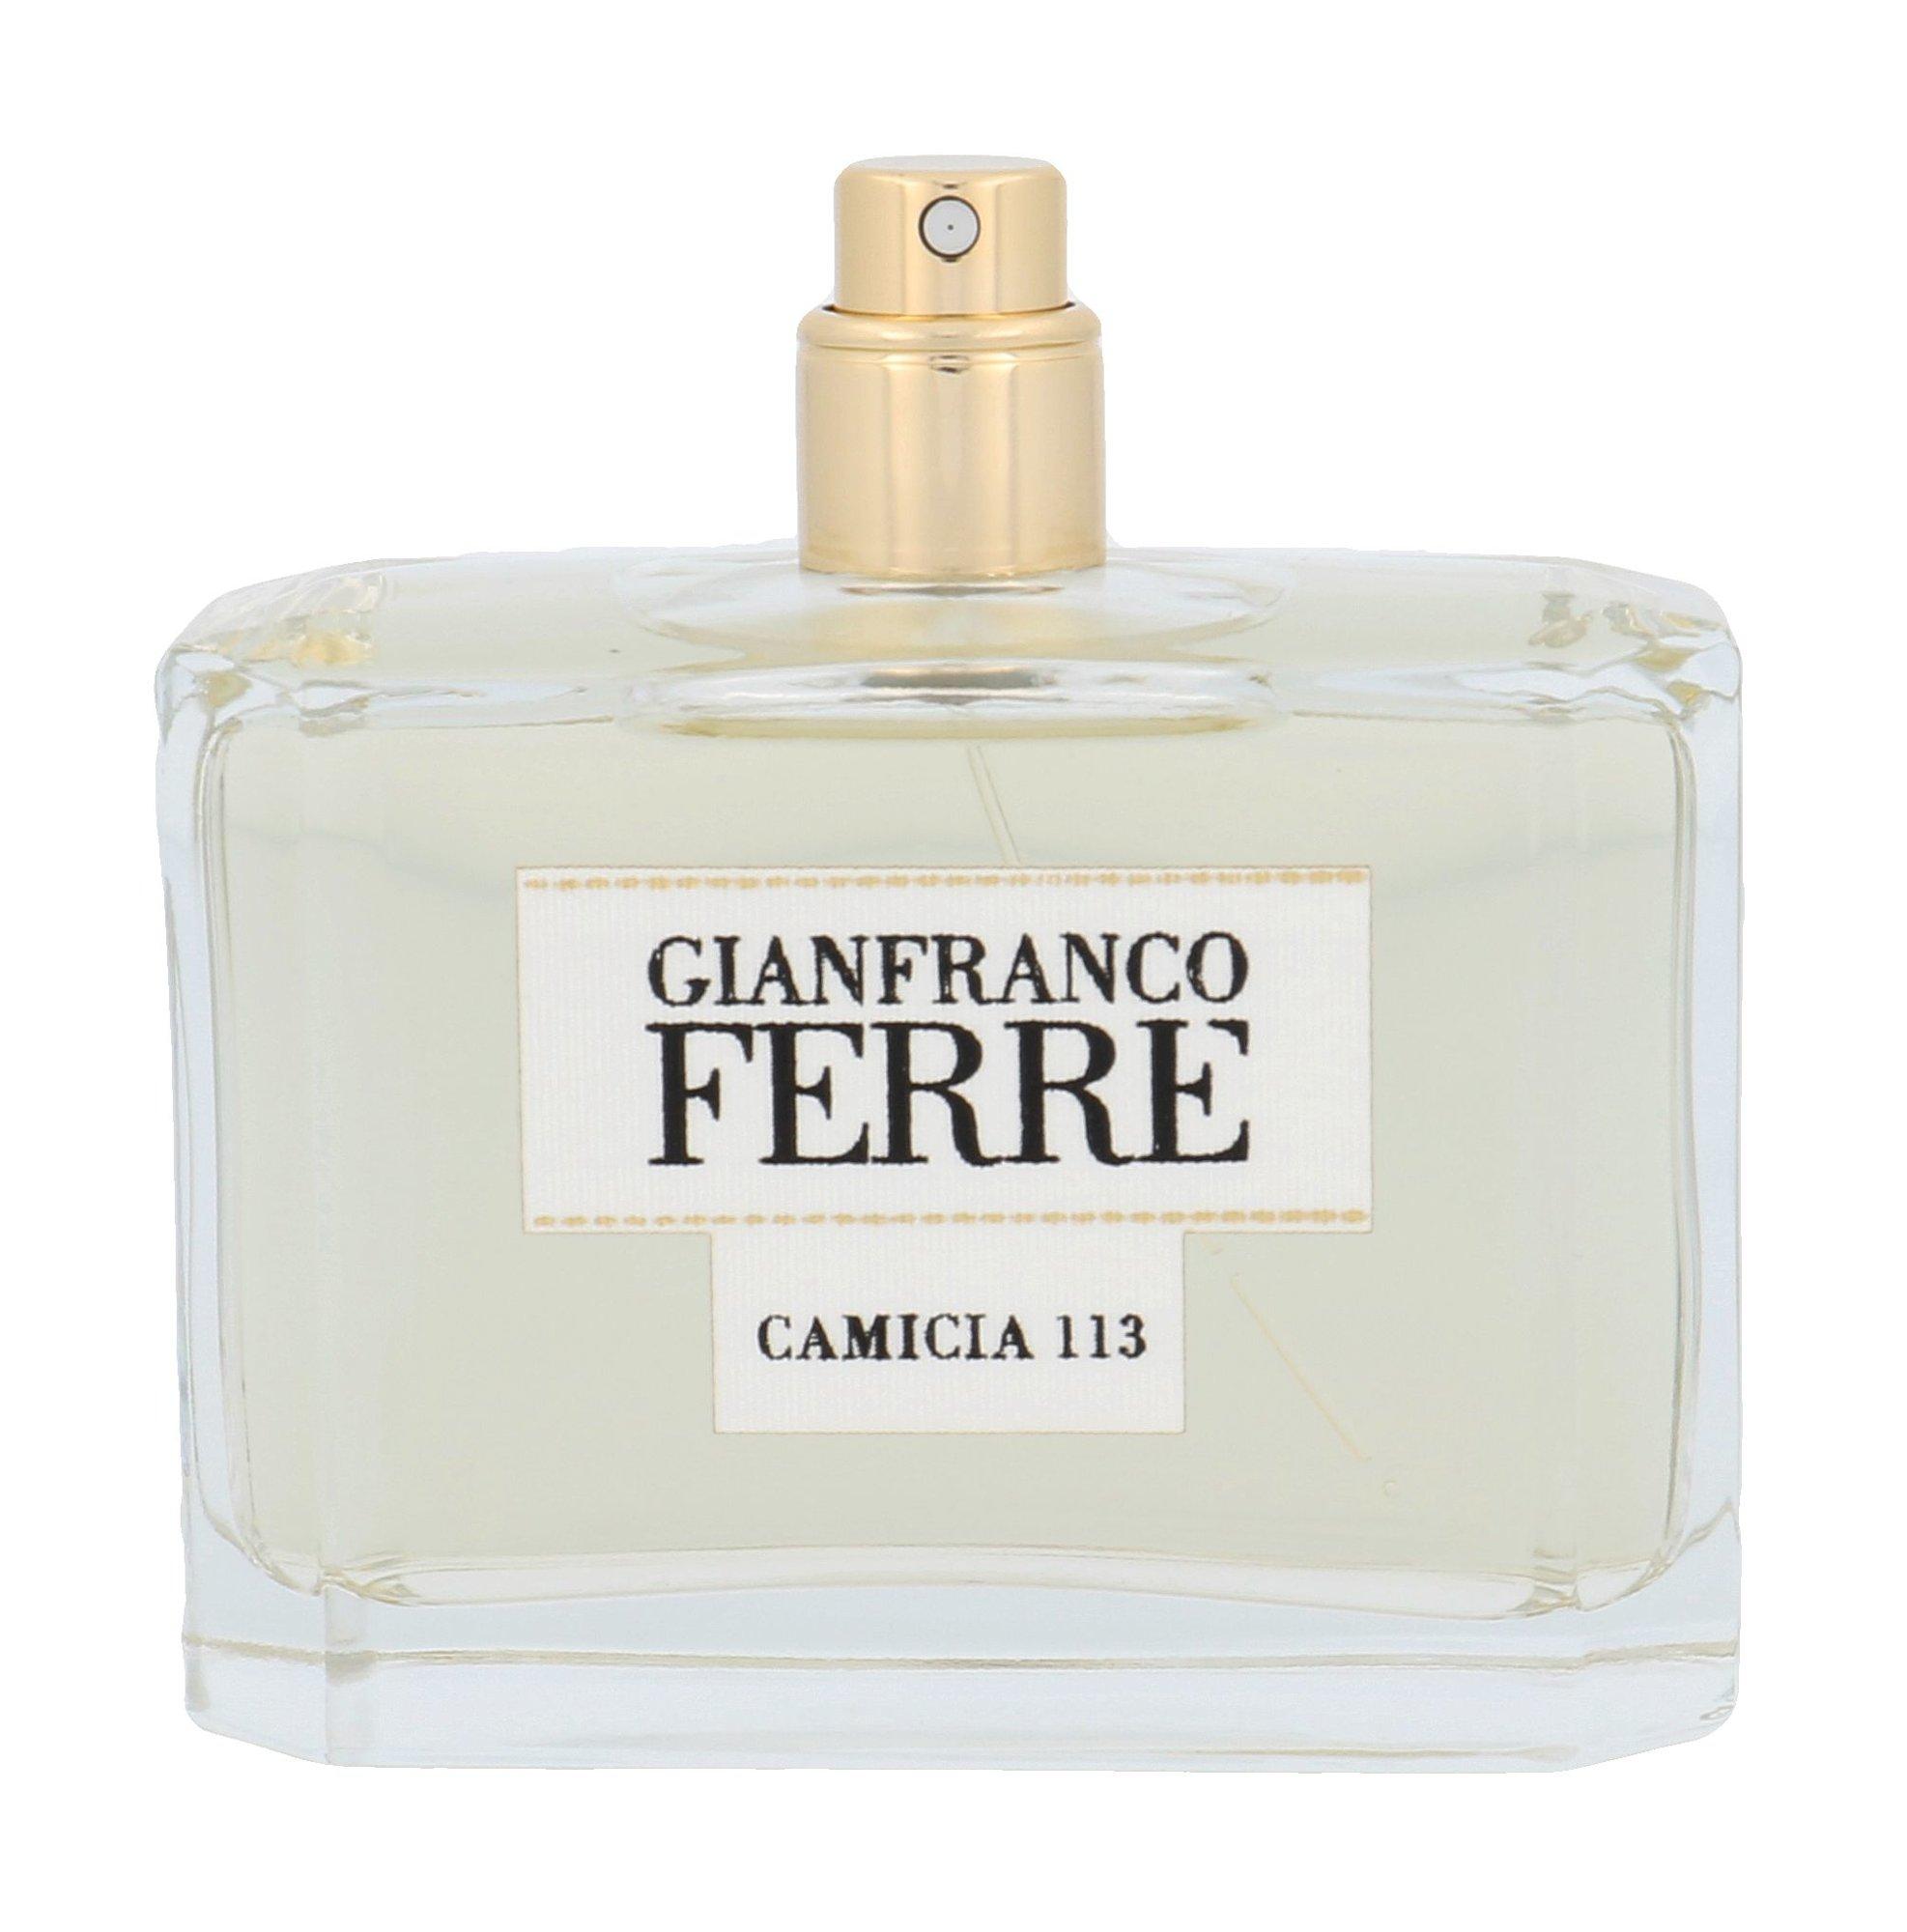 Gianfranco Ferré Camicia 113 EDP 100ml